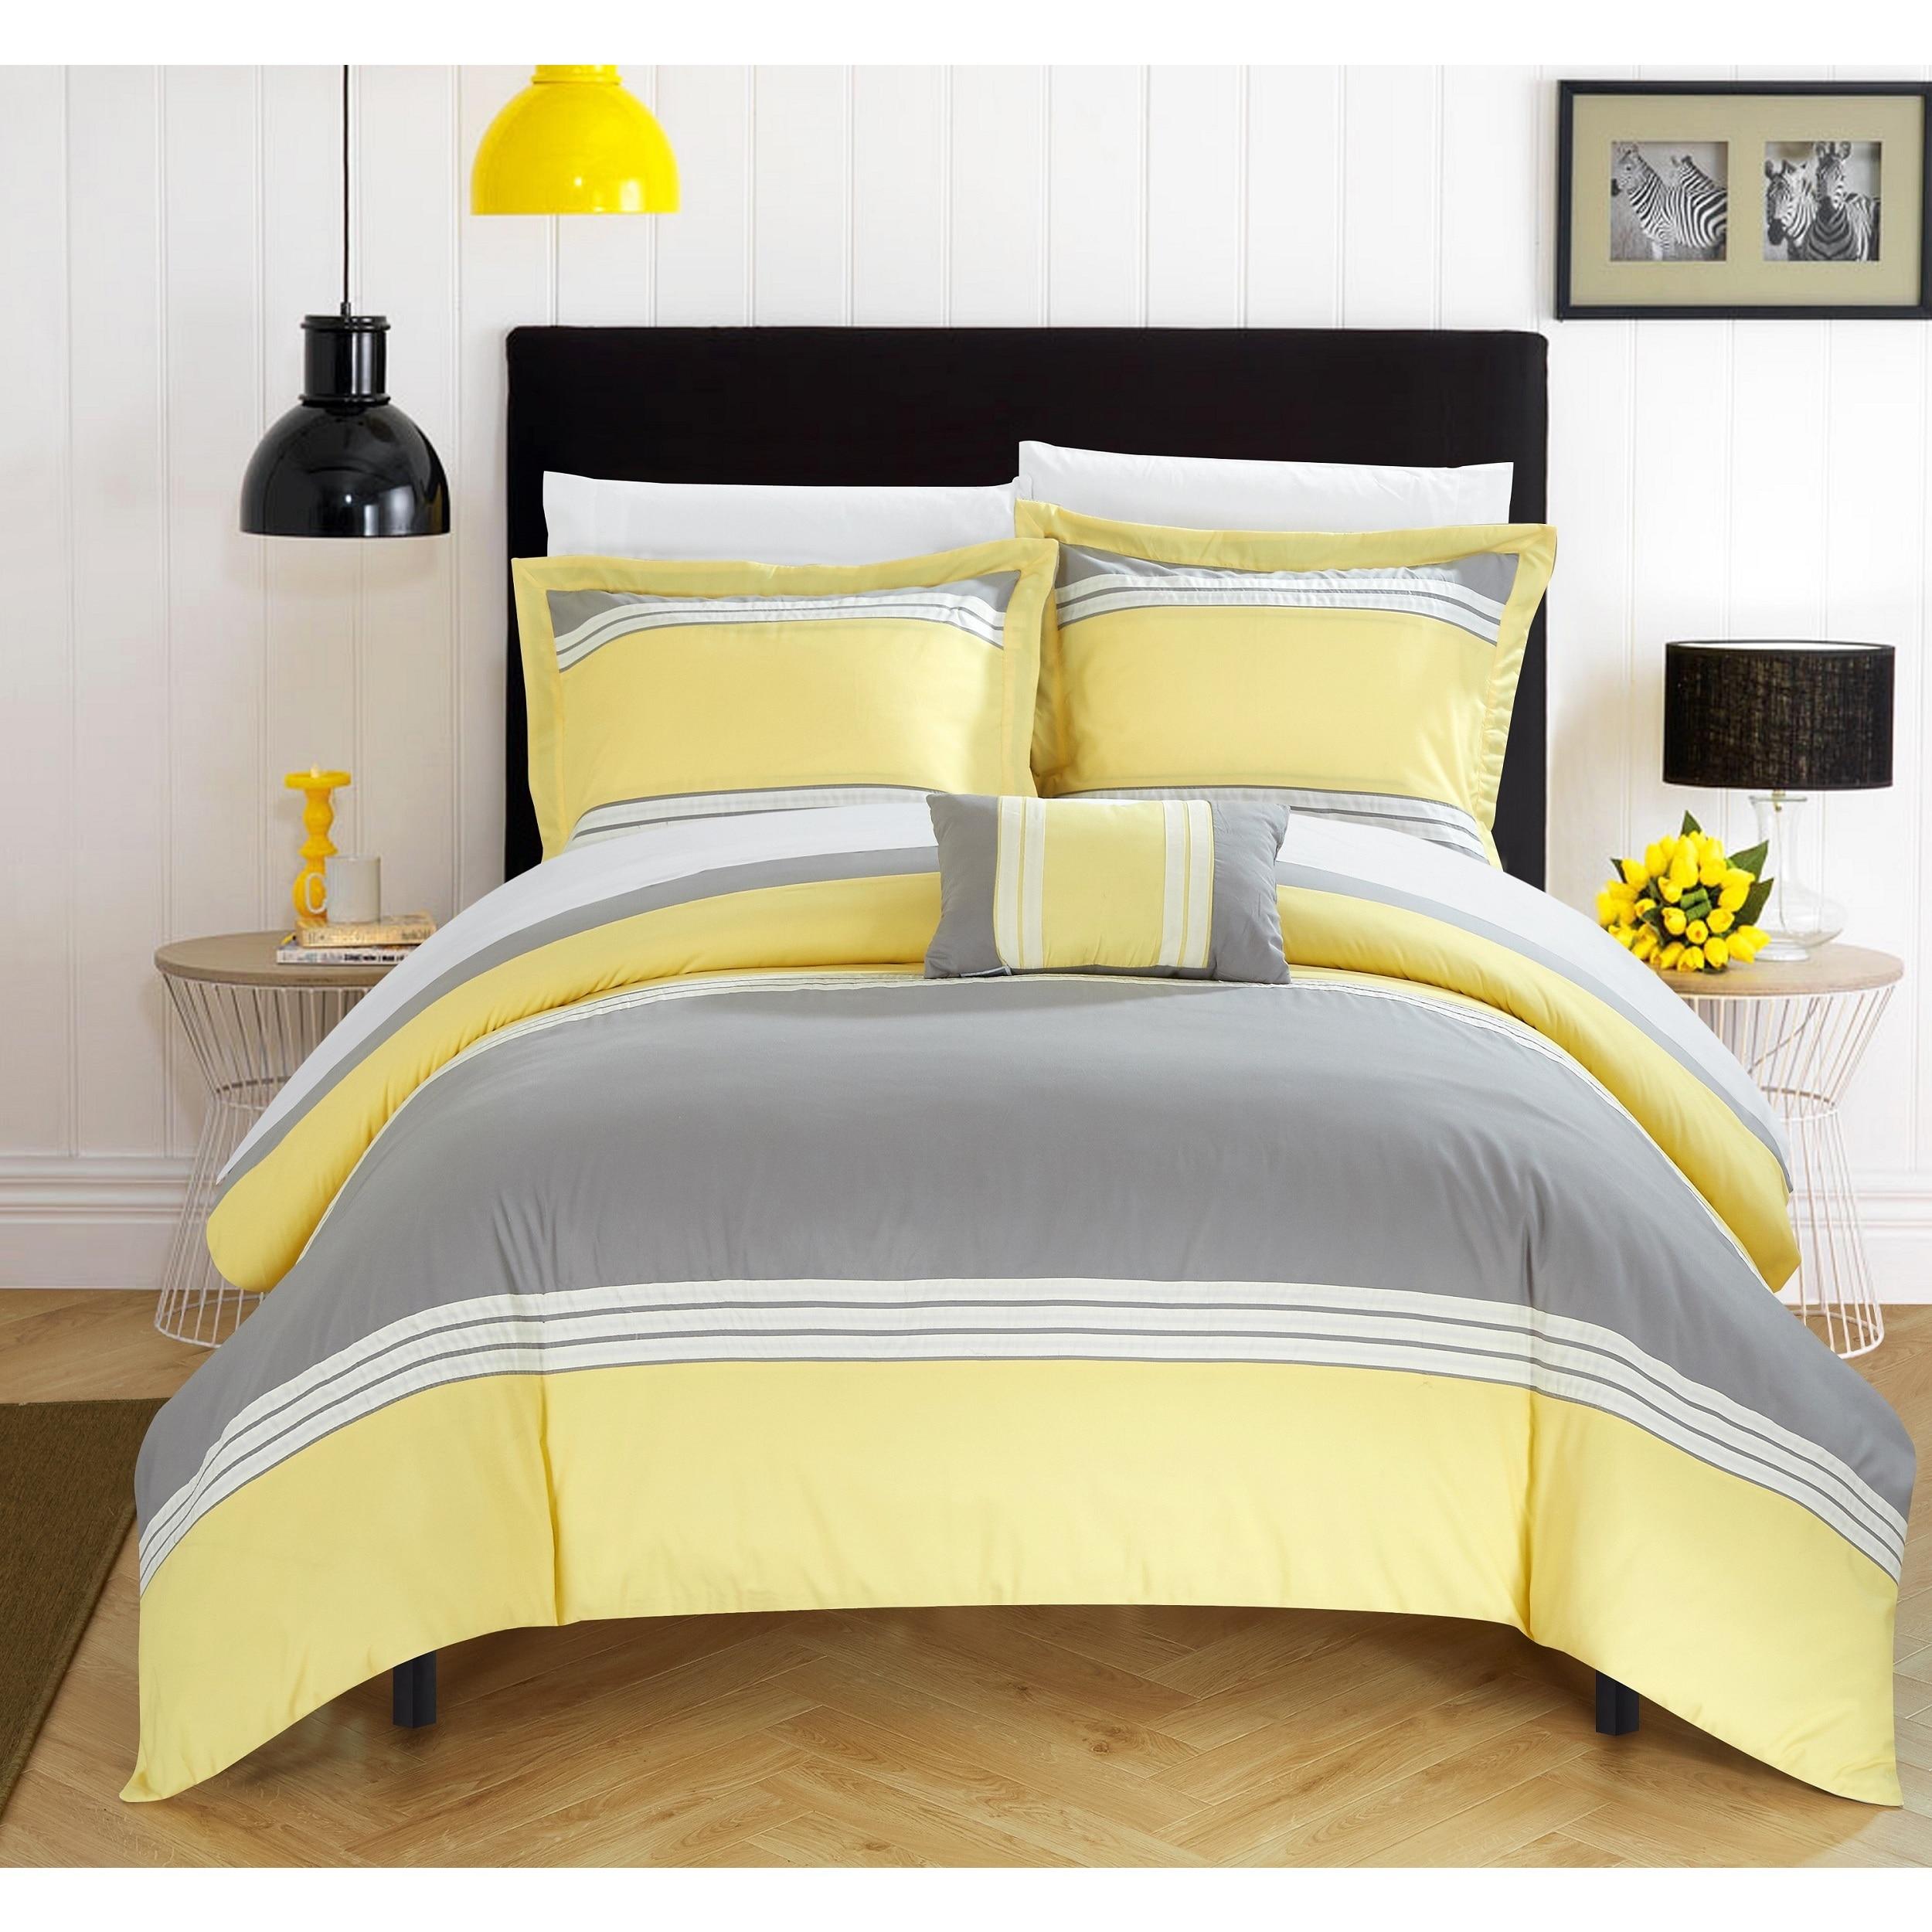 set ebay quilt yellow double cover flutter duvet itm